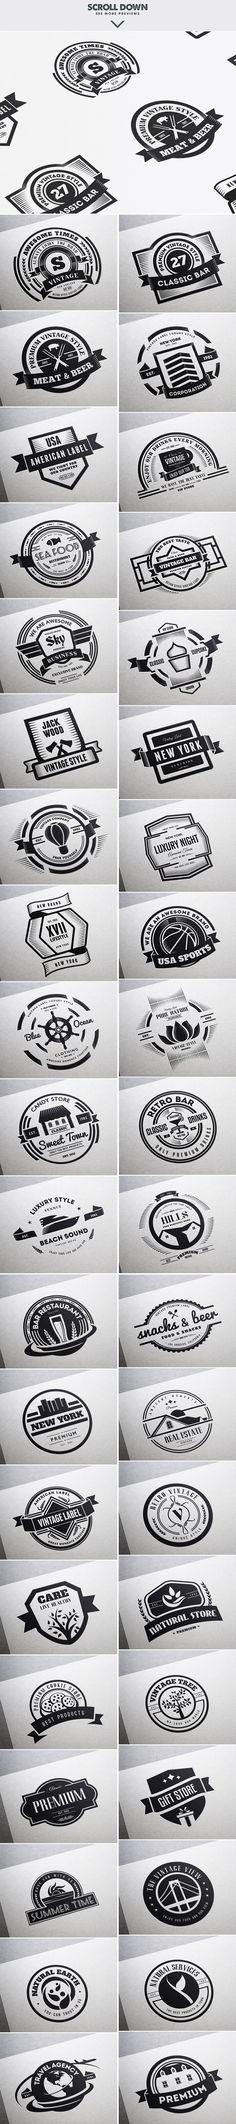 MEGA BUNDLE 326 Vintage Logos Badges by DesignDistrict on @creativemarket